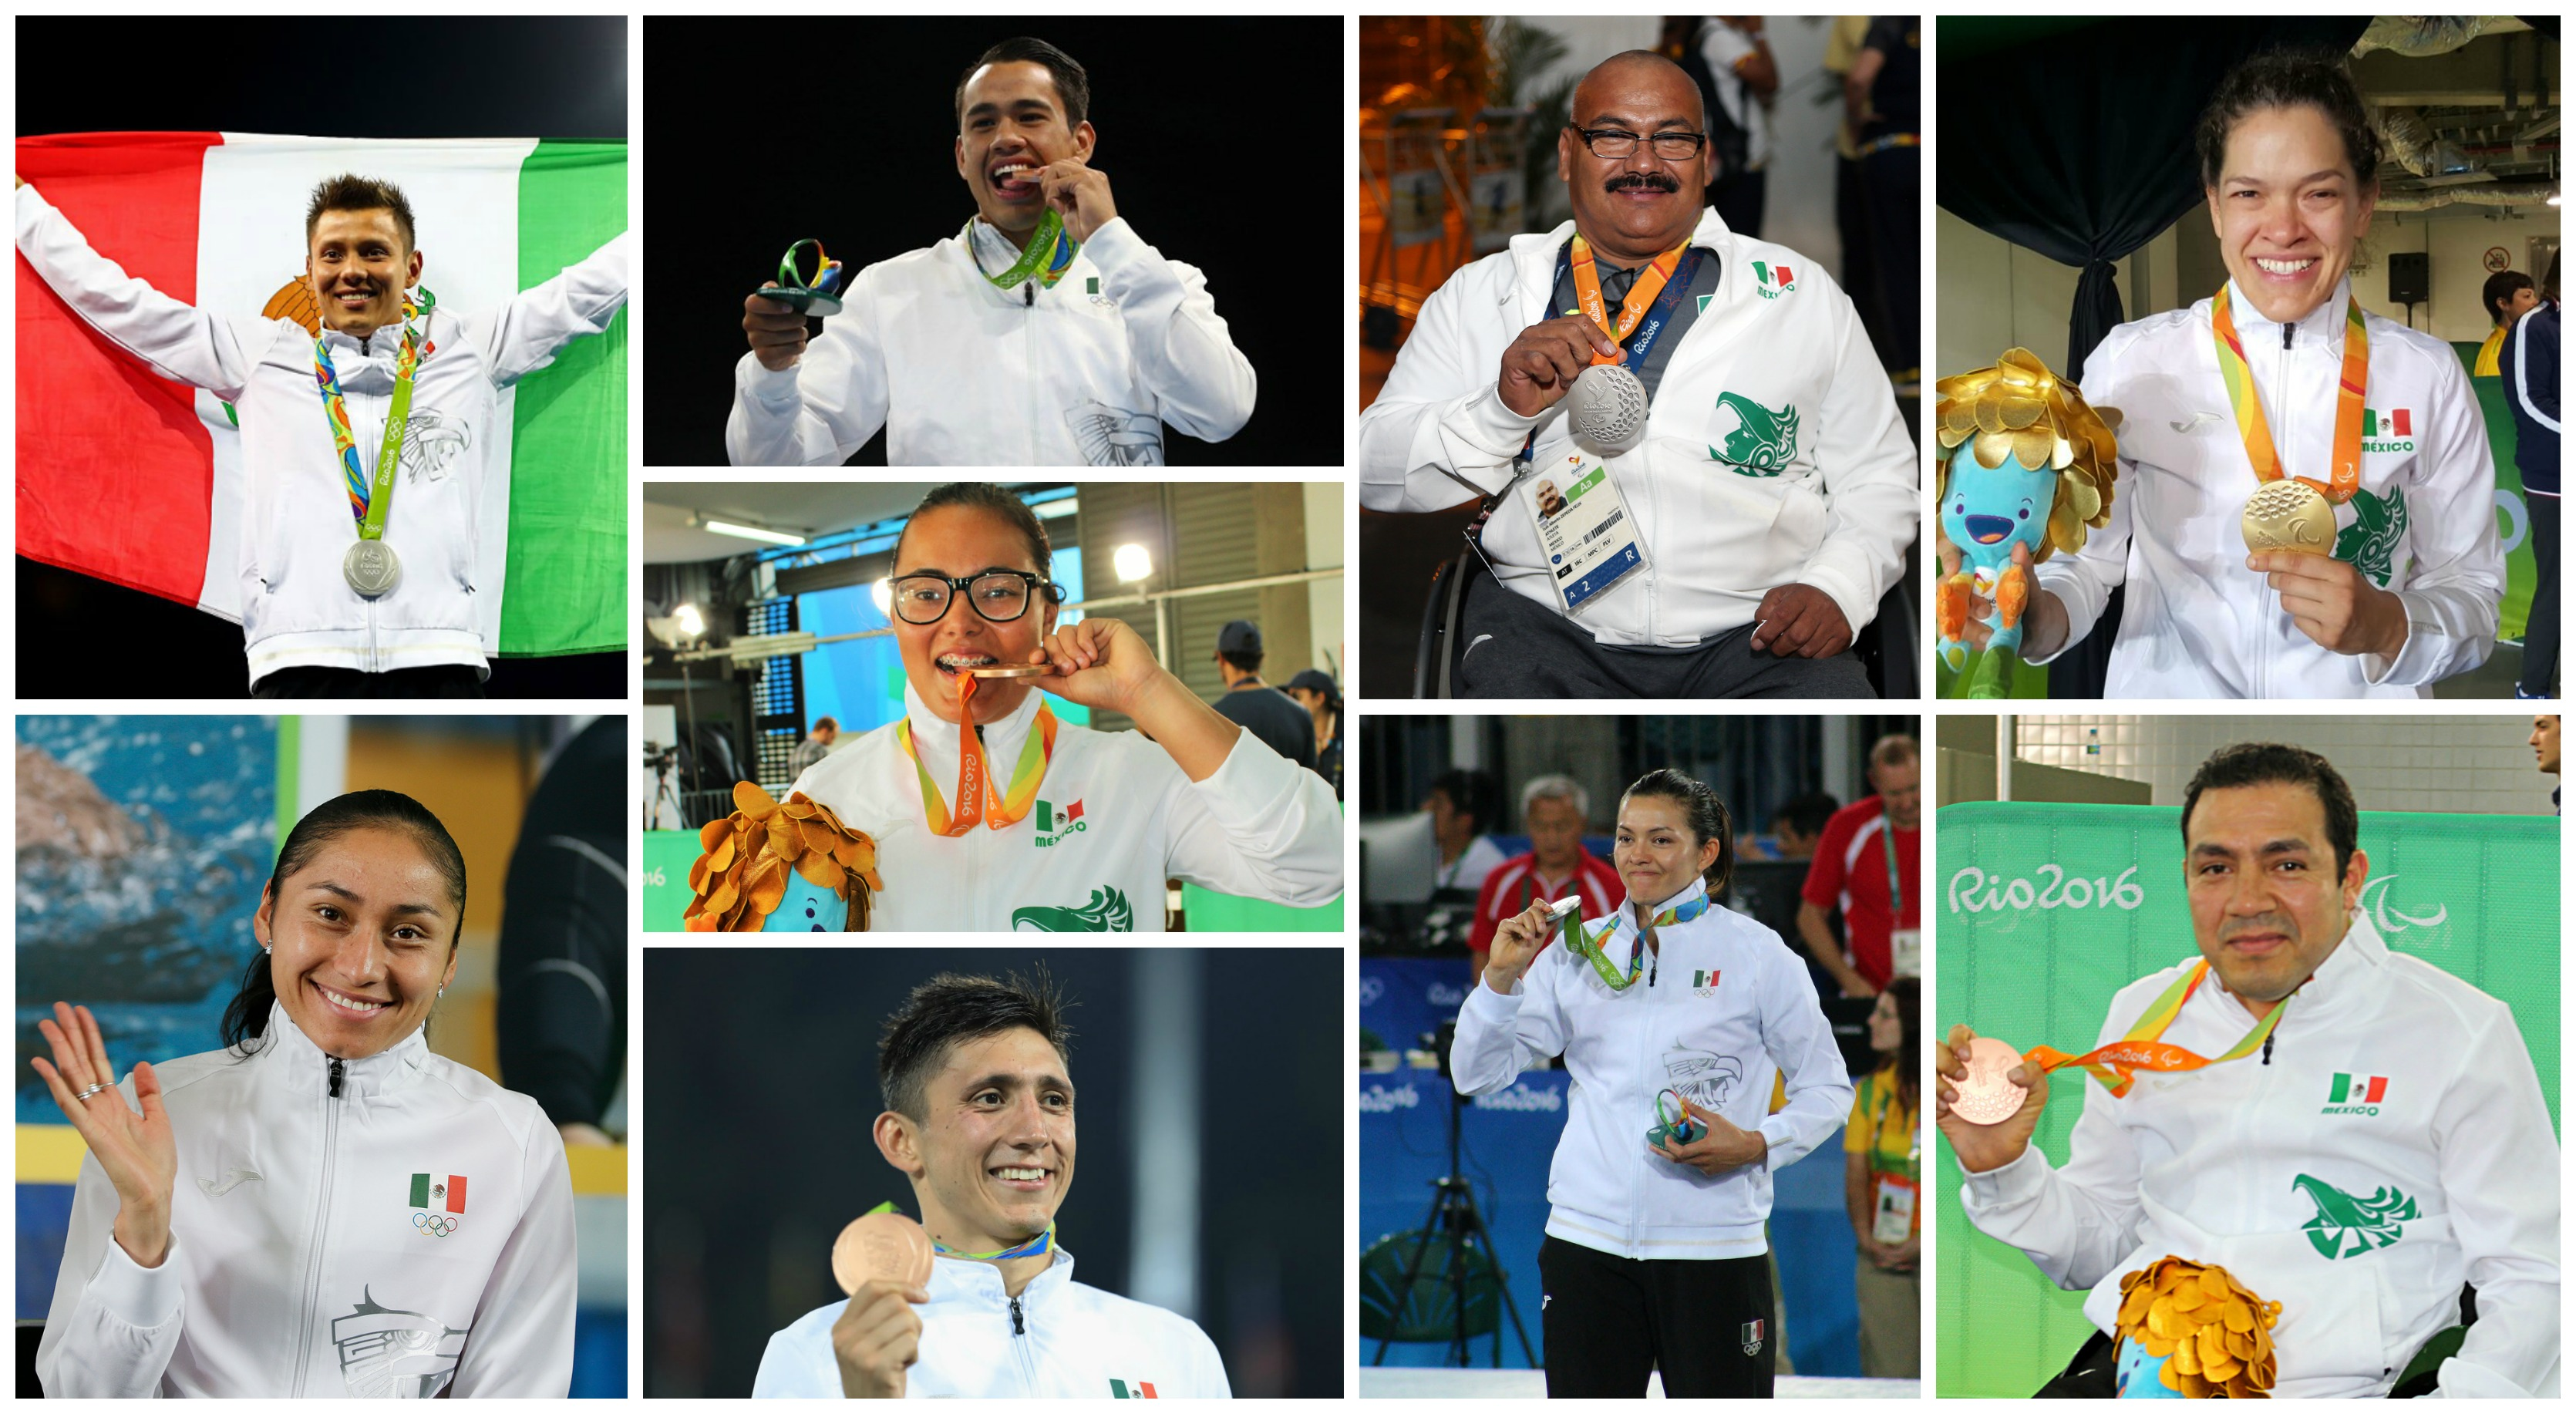 Premio Nacional de Deportes y del Premio Nacional de Mérito Deportivo 2016